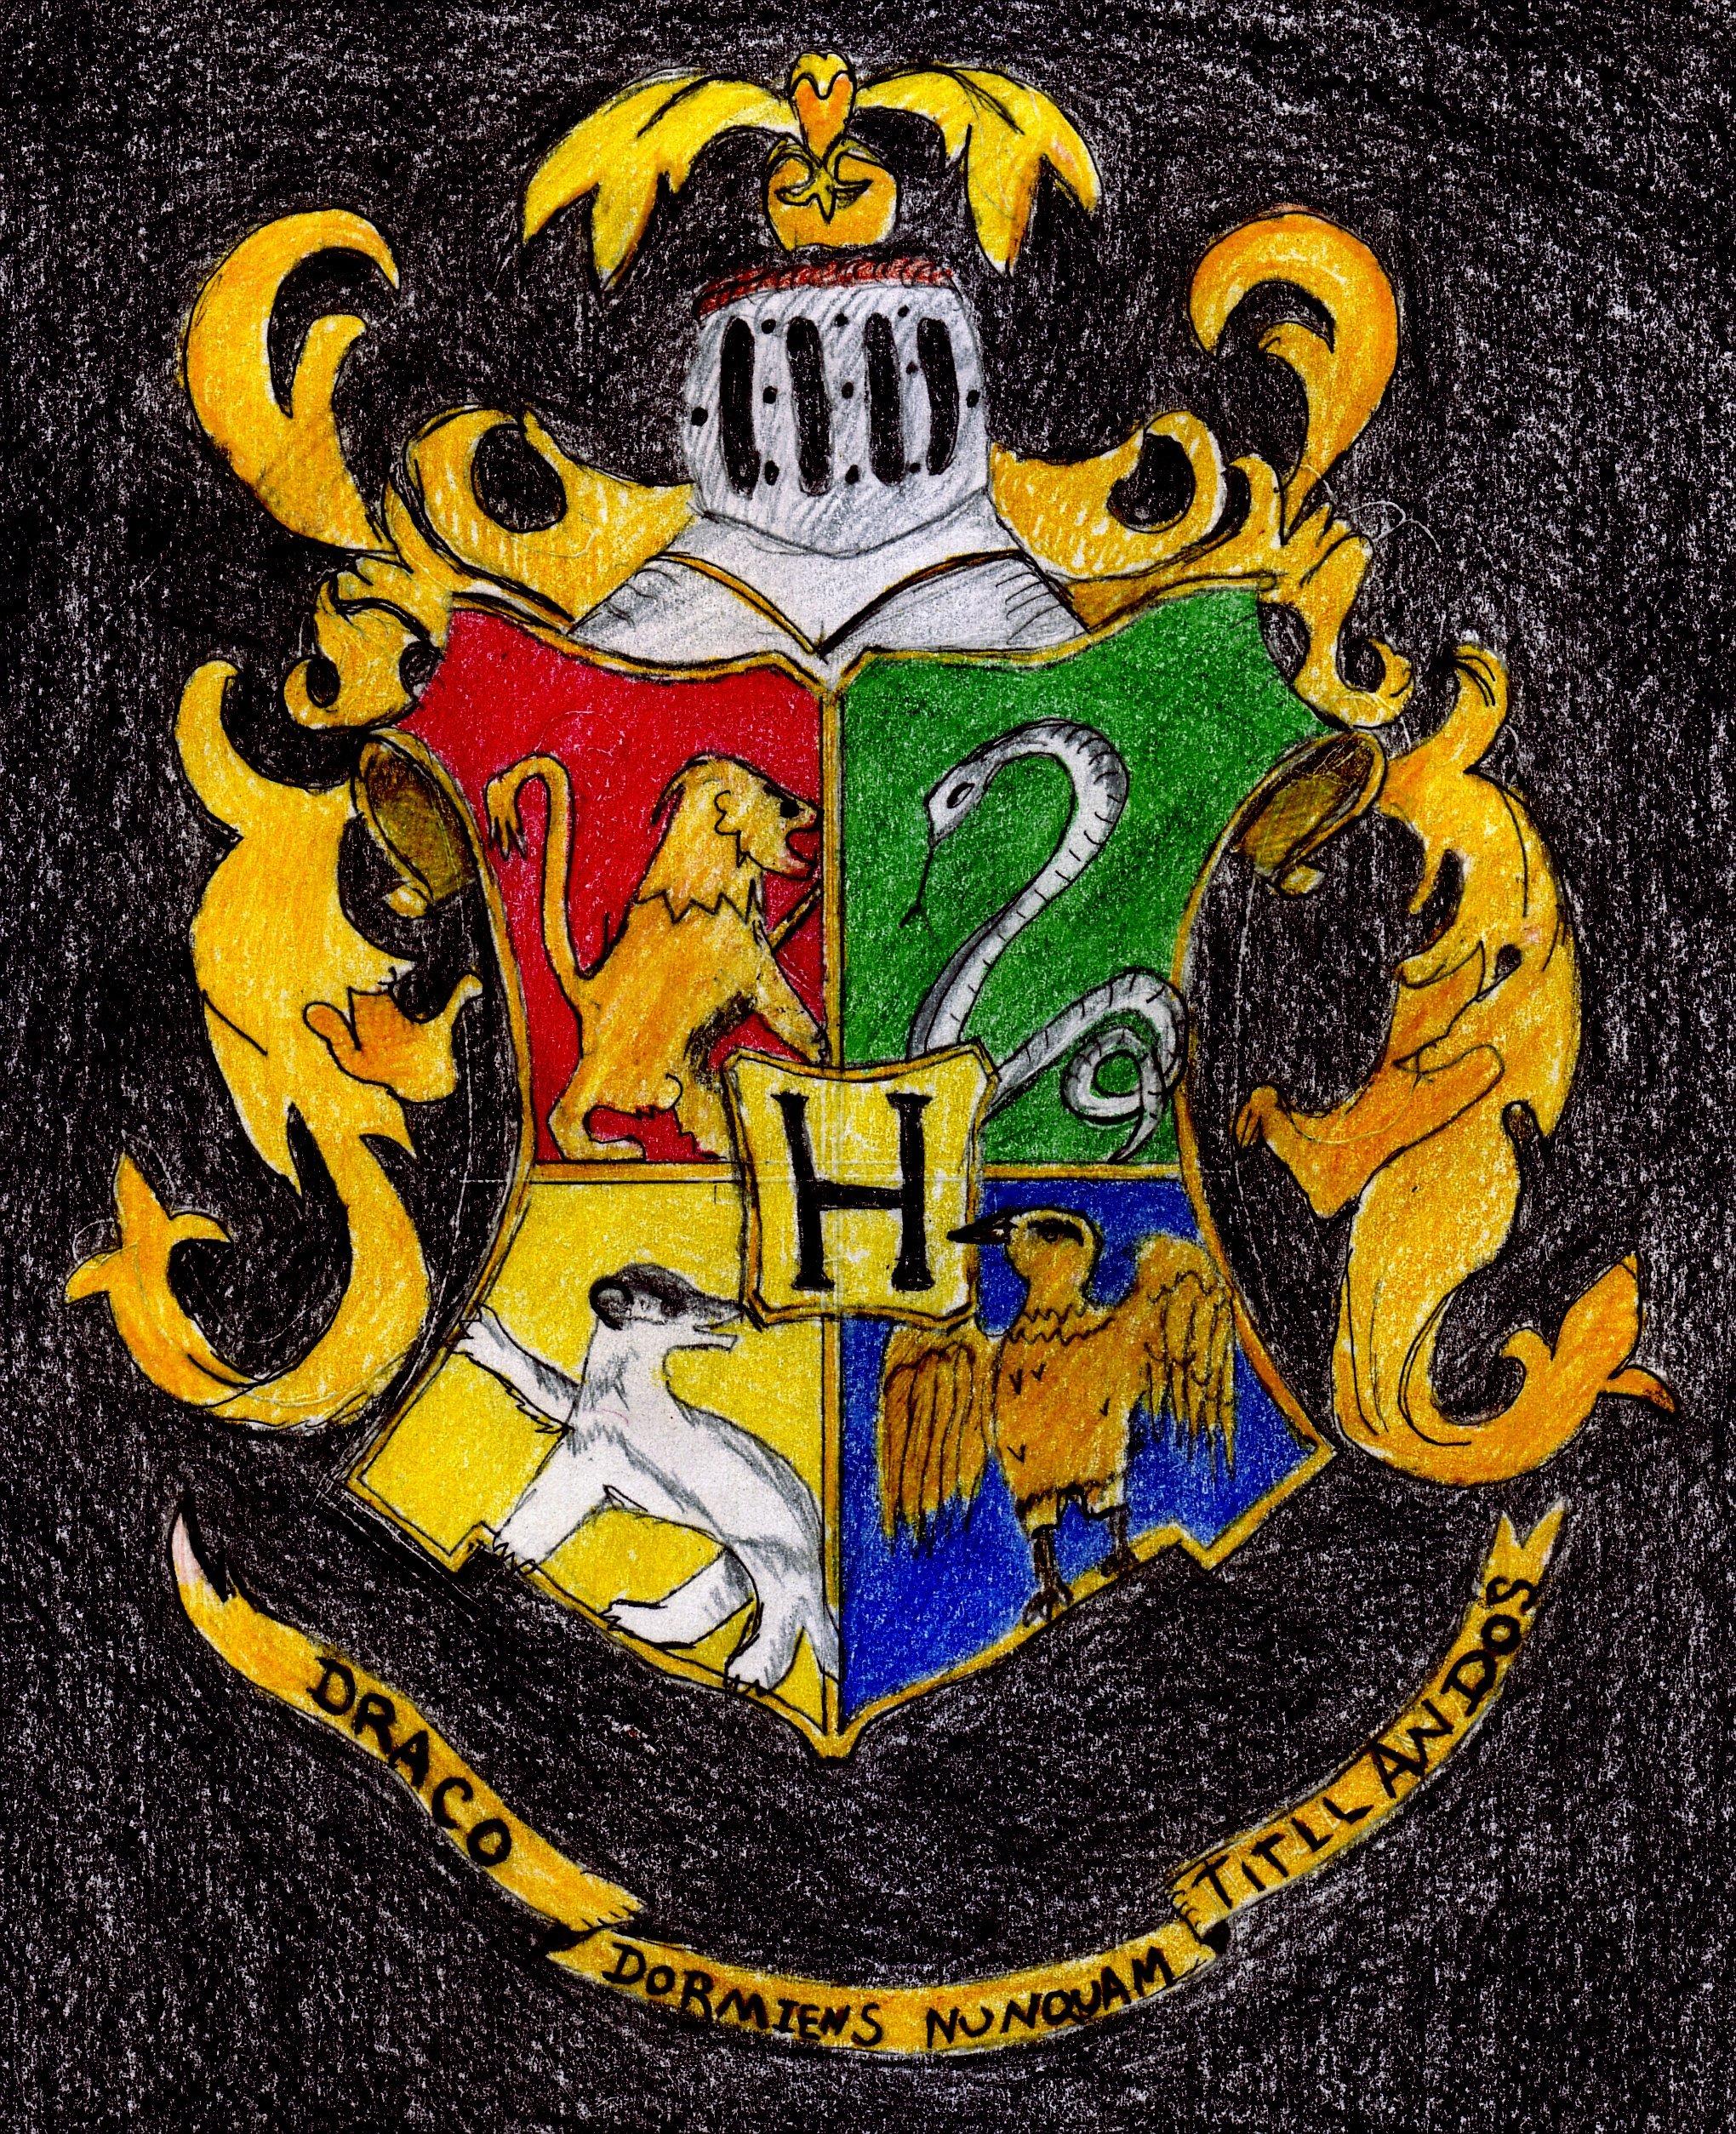 Harry Potter Hogwarts Crest Wallpaper Hogwarts crest by dar1989 2040x2508